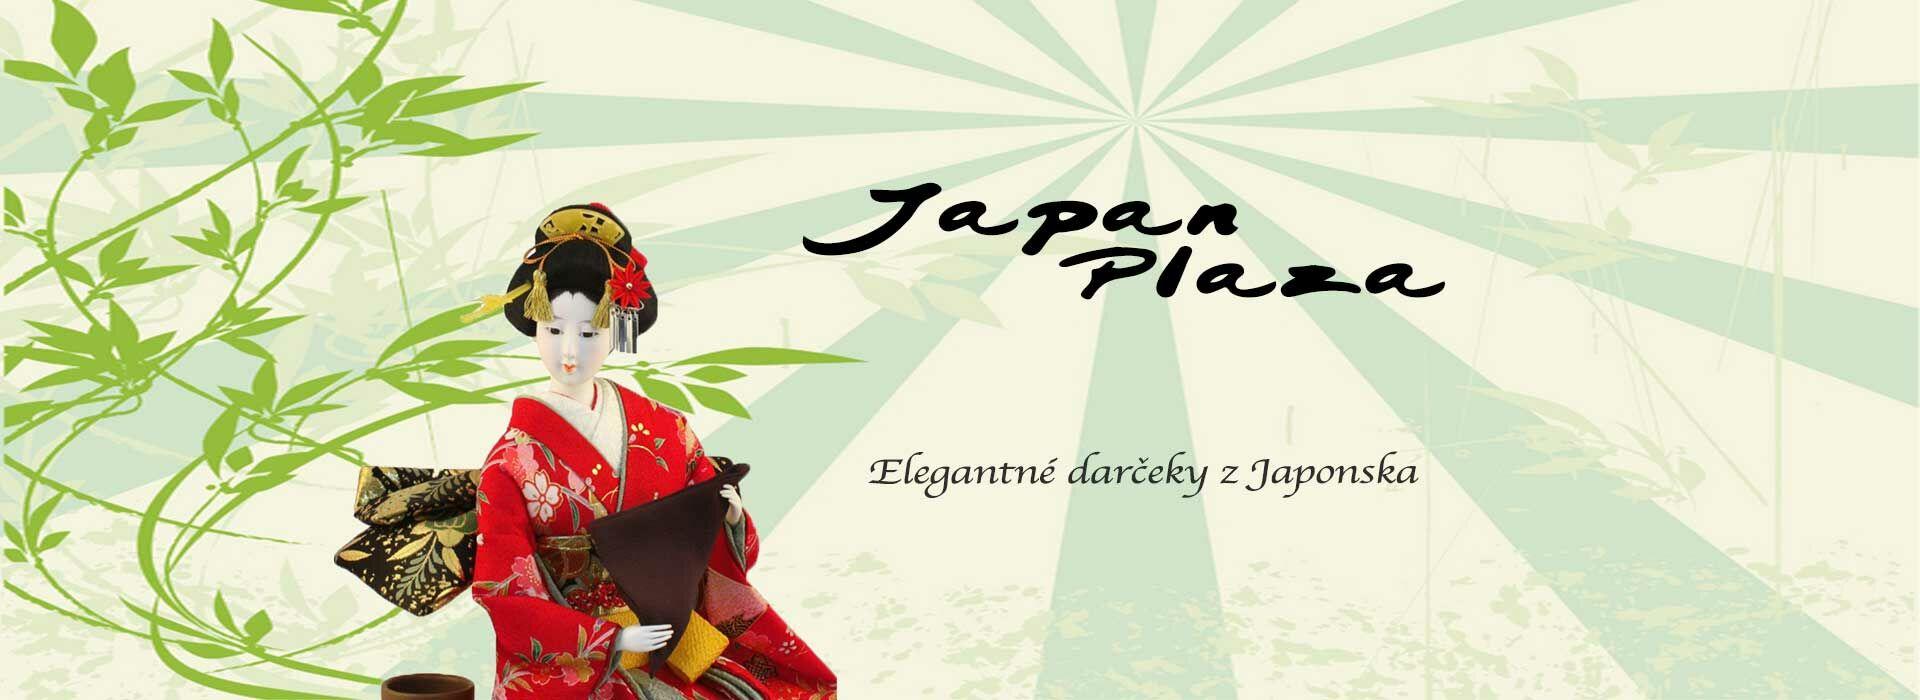 JapanplazaSK